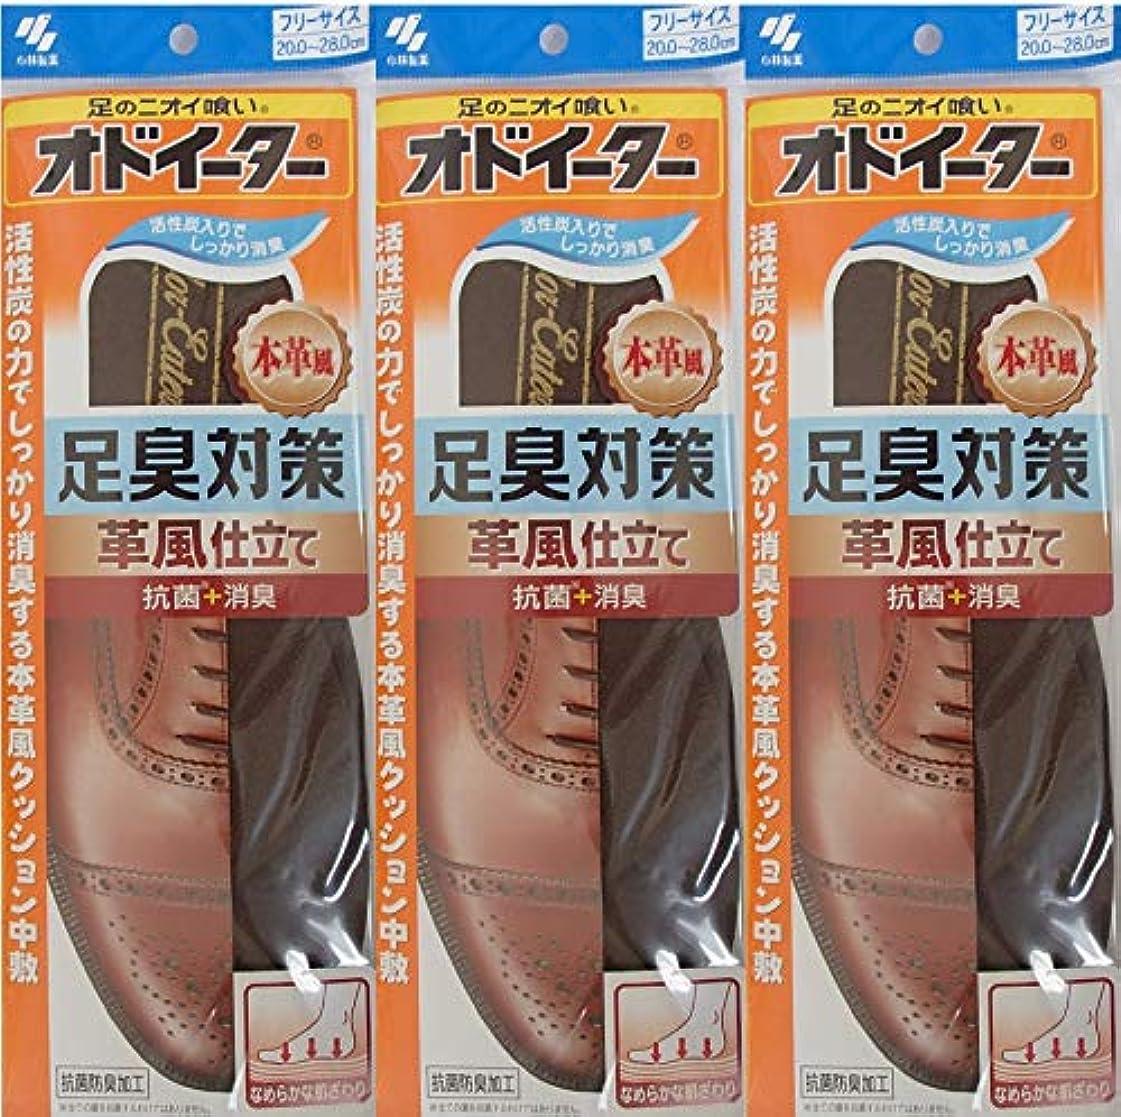 オリエンタル歯痛気付くオドイーター 足臭対策 革風仕立て インソール フリーサイズ20cm~28cm 3足セット